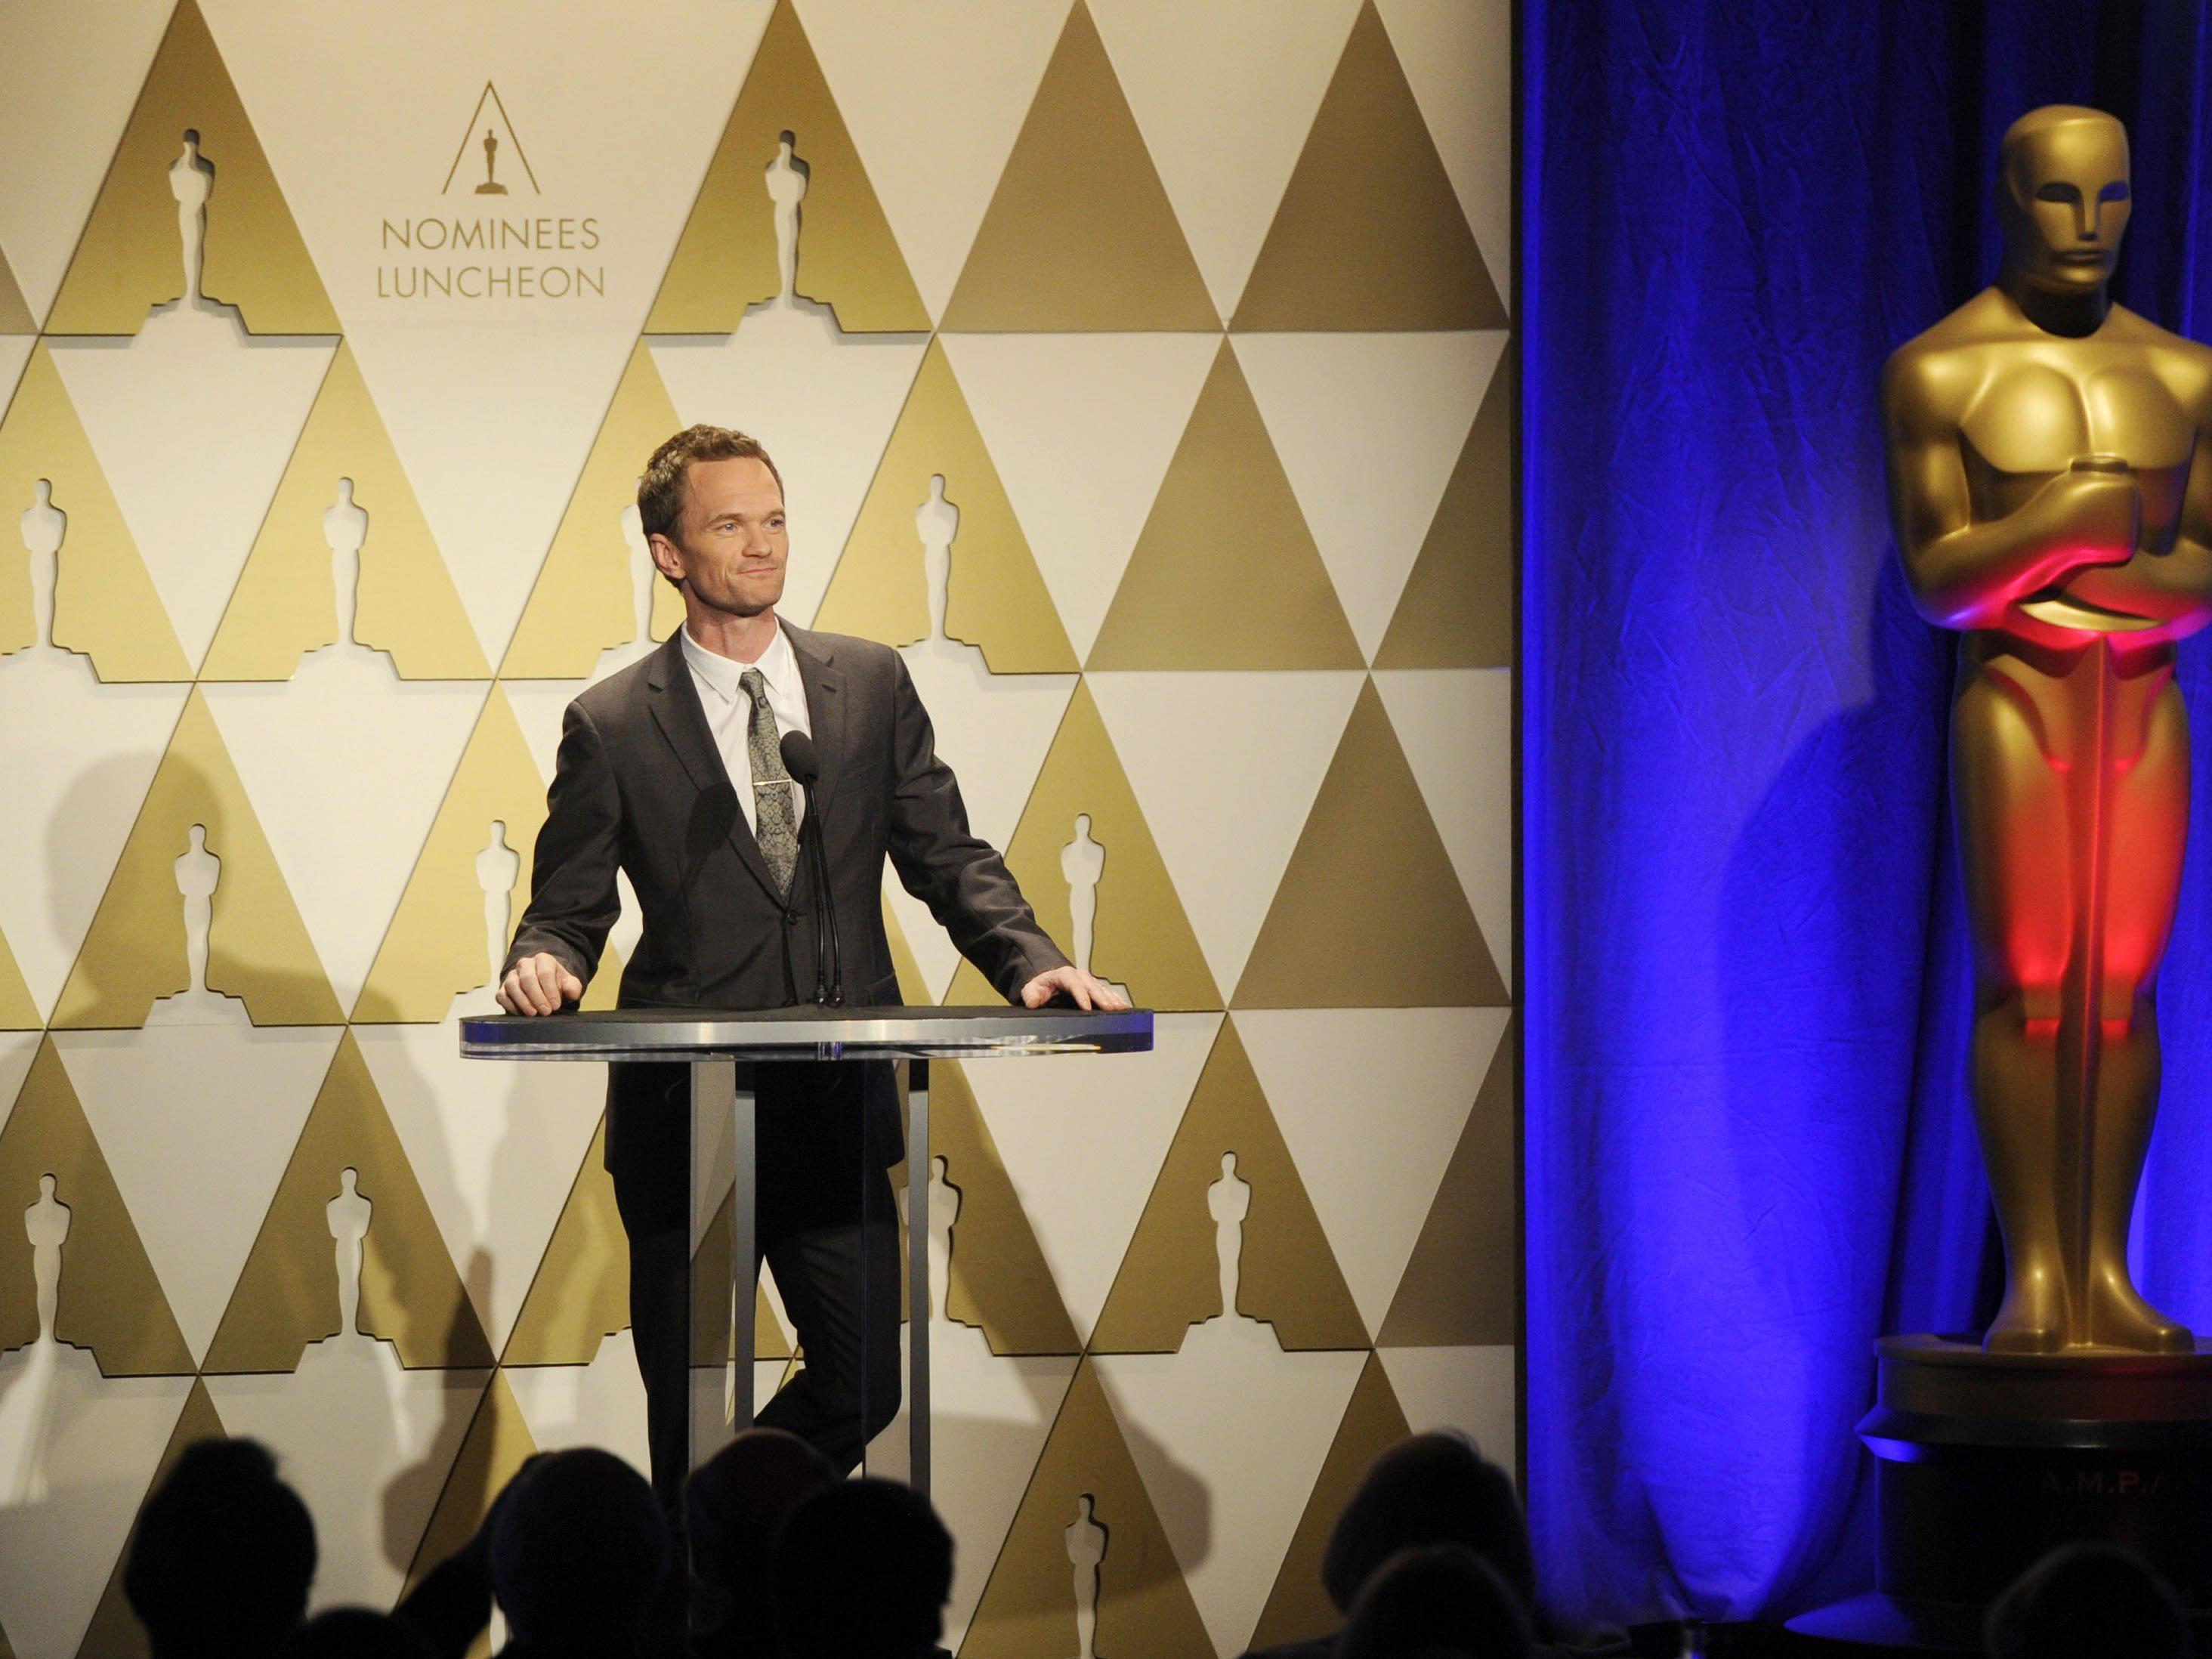 Neil Patrick Harris will bei der Oscar-Moderation alles richtig machen.